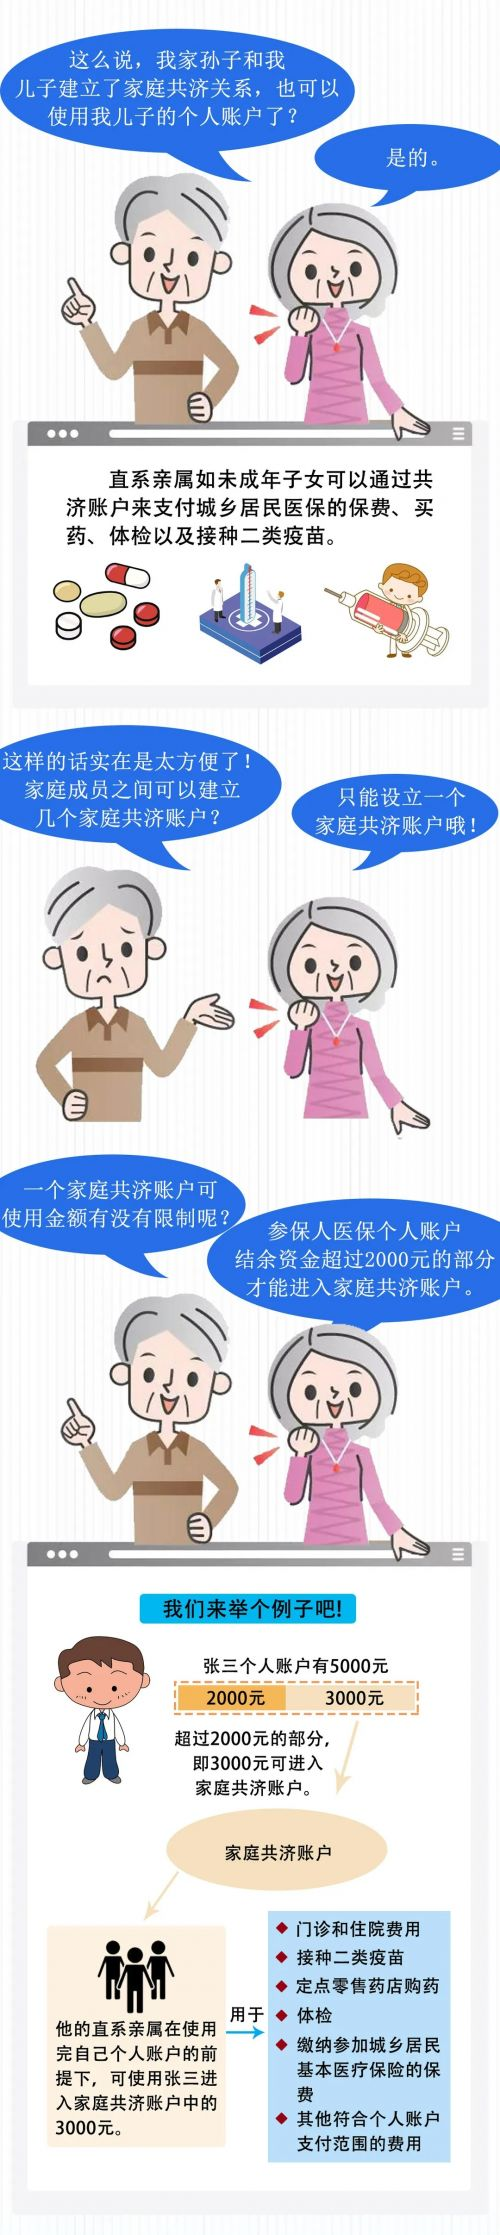 福建医保新政,7月1日起实施!